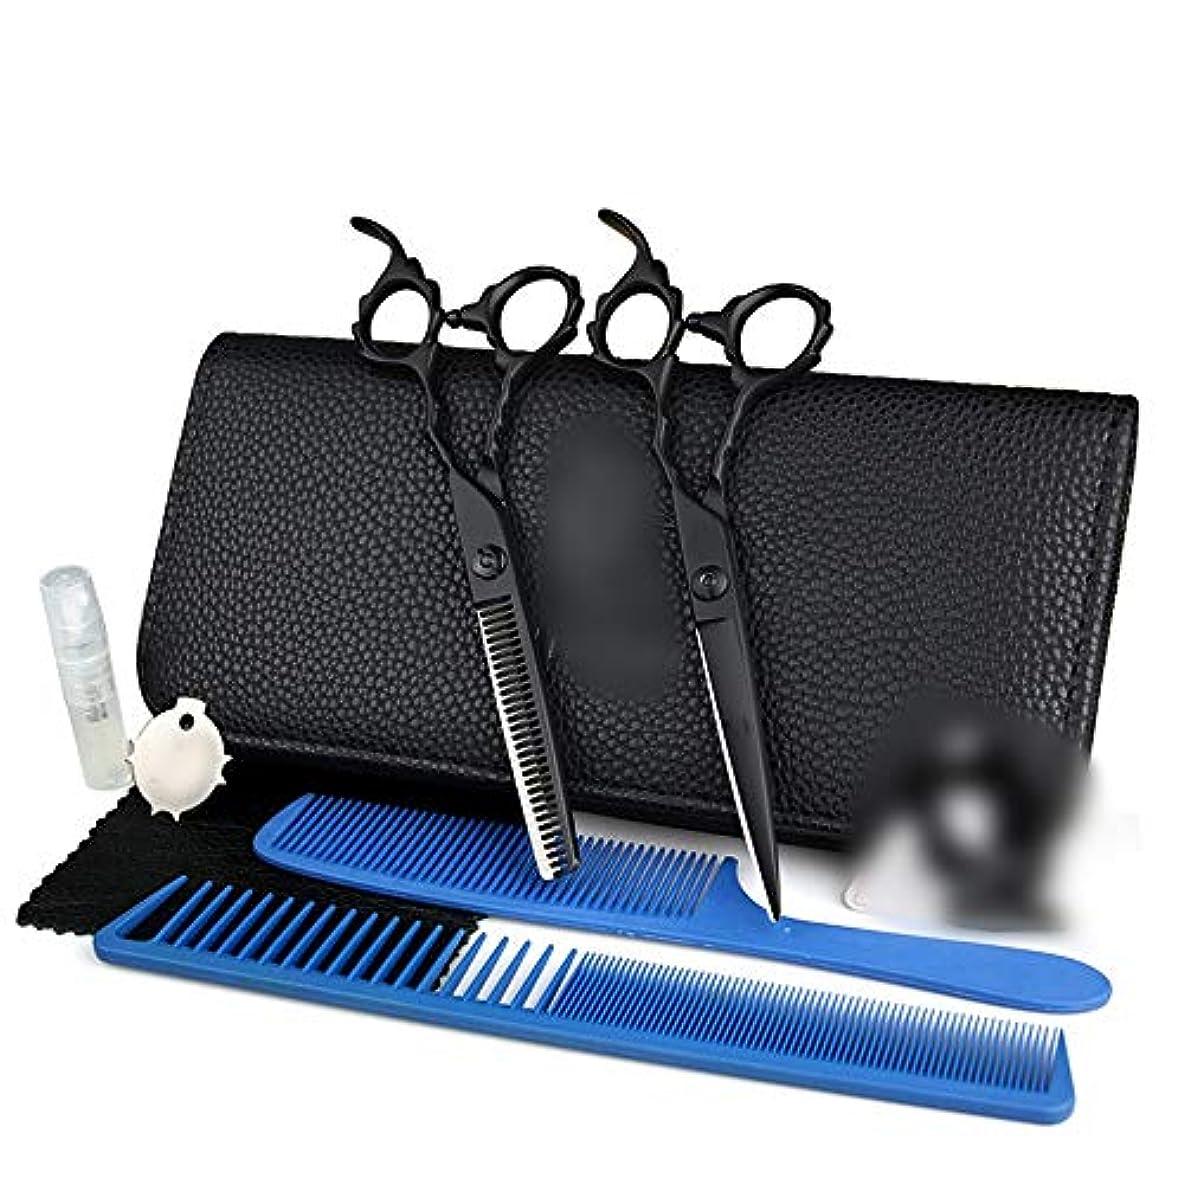 出くわすストロー確認してくださいHairdressing 6.0インチヘアプロフェッショナルブラックフラット+歯はさみセットはさみツール髪カット鋏ステンレス理髪はさみ (色 : 黒)